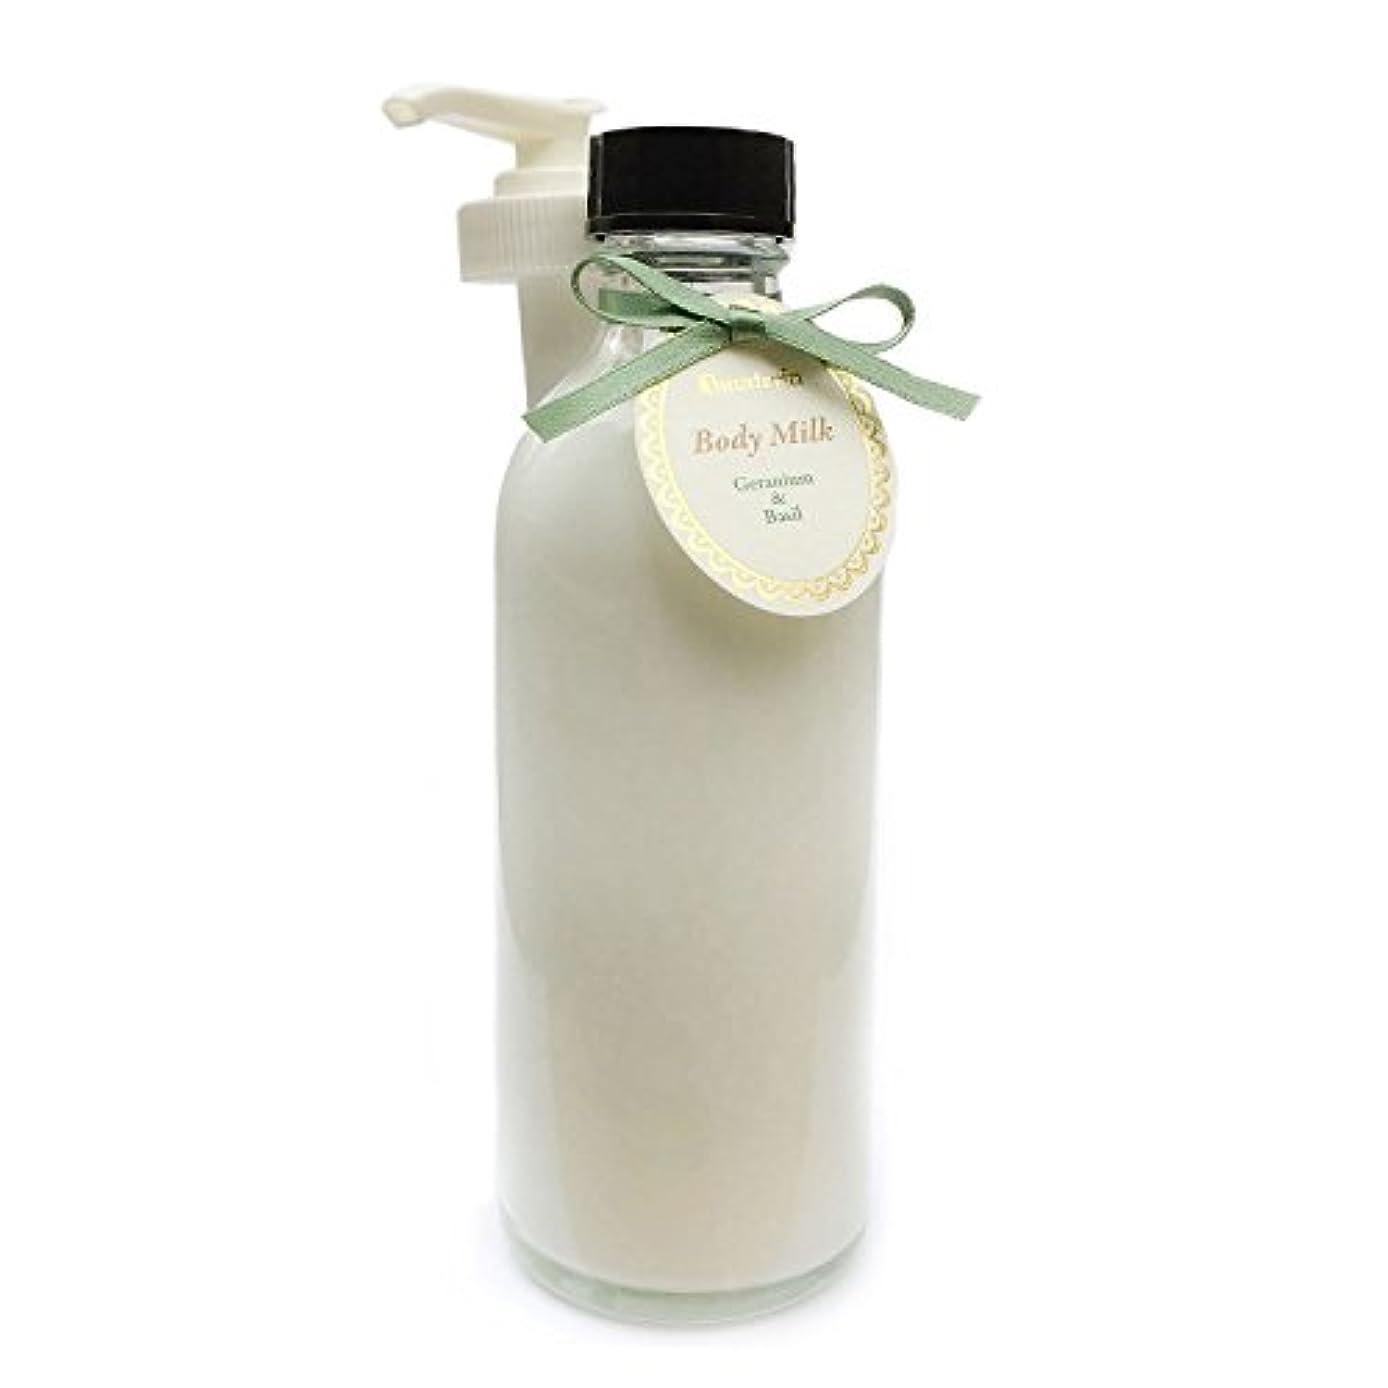 繰り返し鉱夫チャレンジD materia ボディミルク ゼラニウム&バジル Geranium&Basil Body Milk ディーマテリア